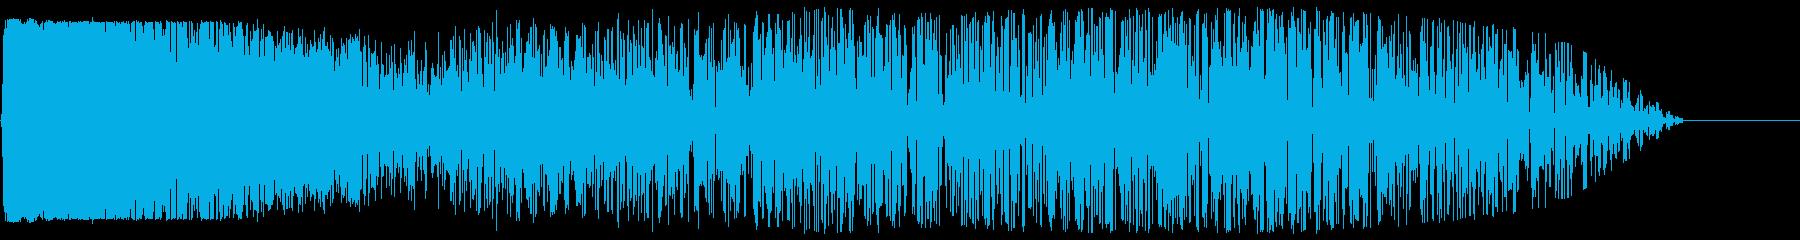 ロケット発射音(臨場感あふれる効果音)の再生済みの波形